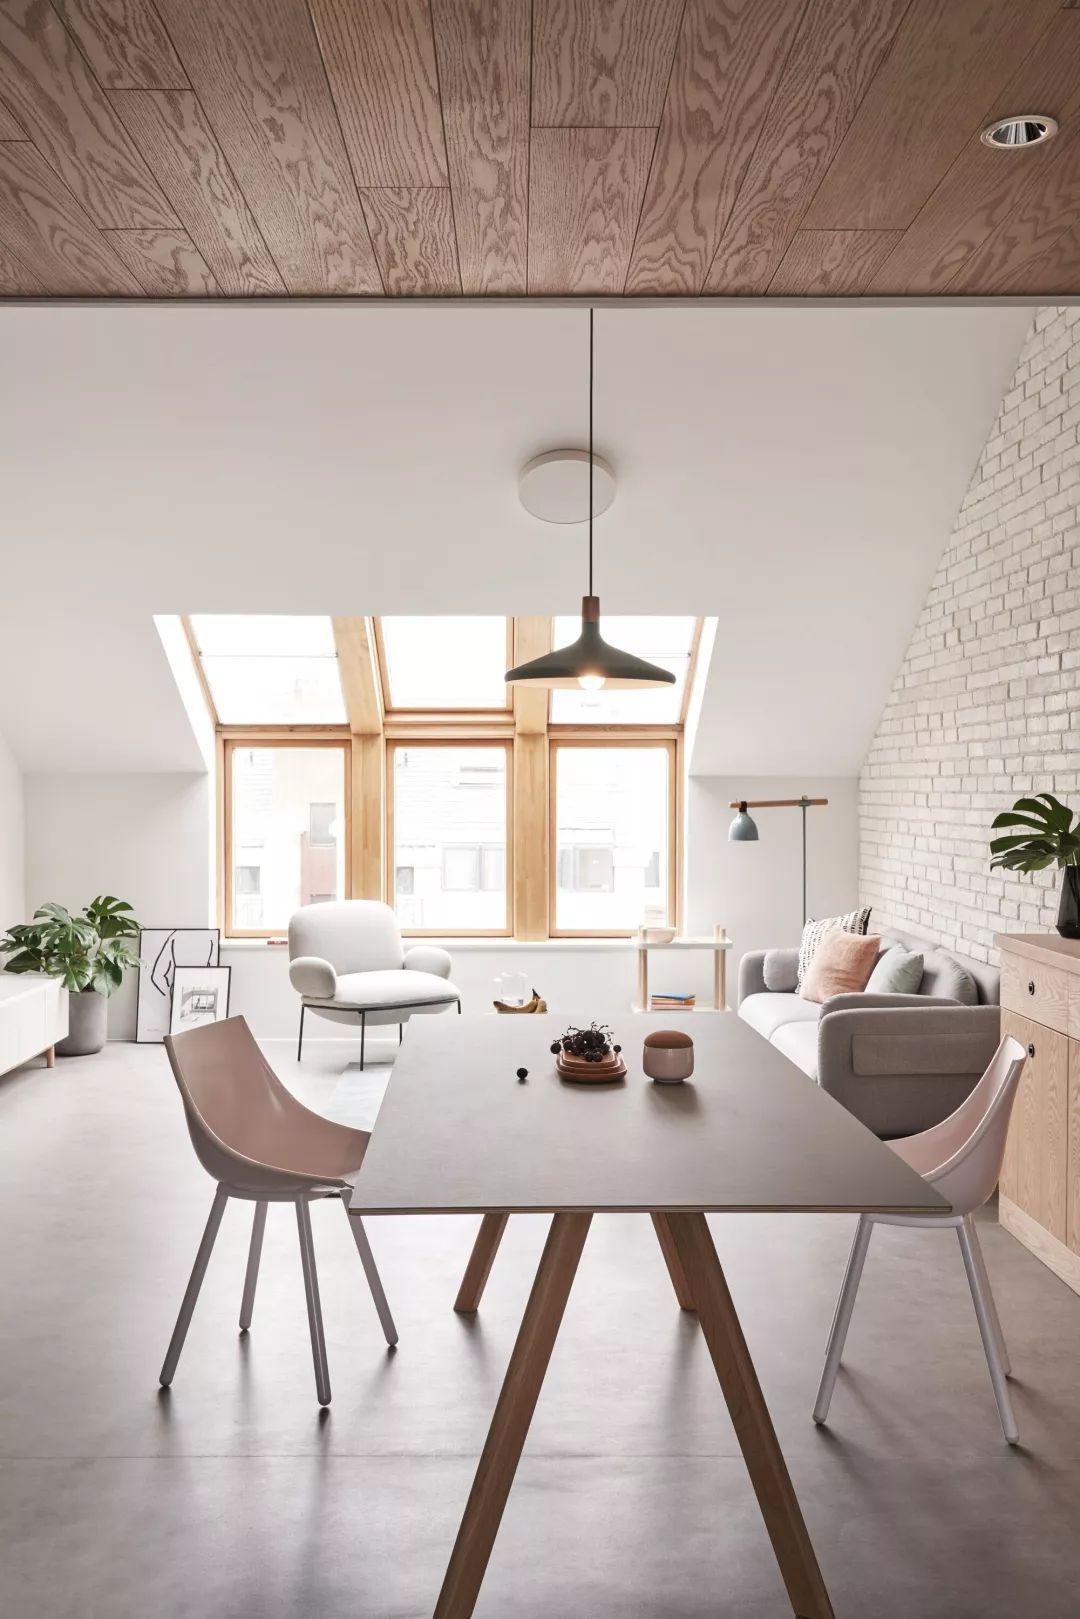 Cặp vợ chồng trẻ nới rộng căn hộ áp mái 85m2 thành không gian 115m2 sau cải tạo ai nhìn cũng mê - Ảnh 7.